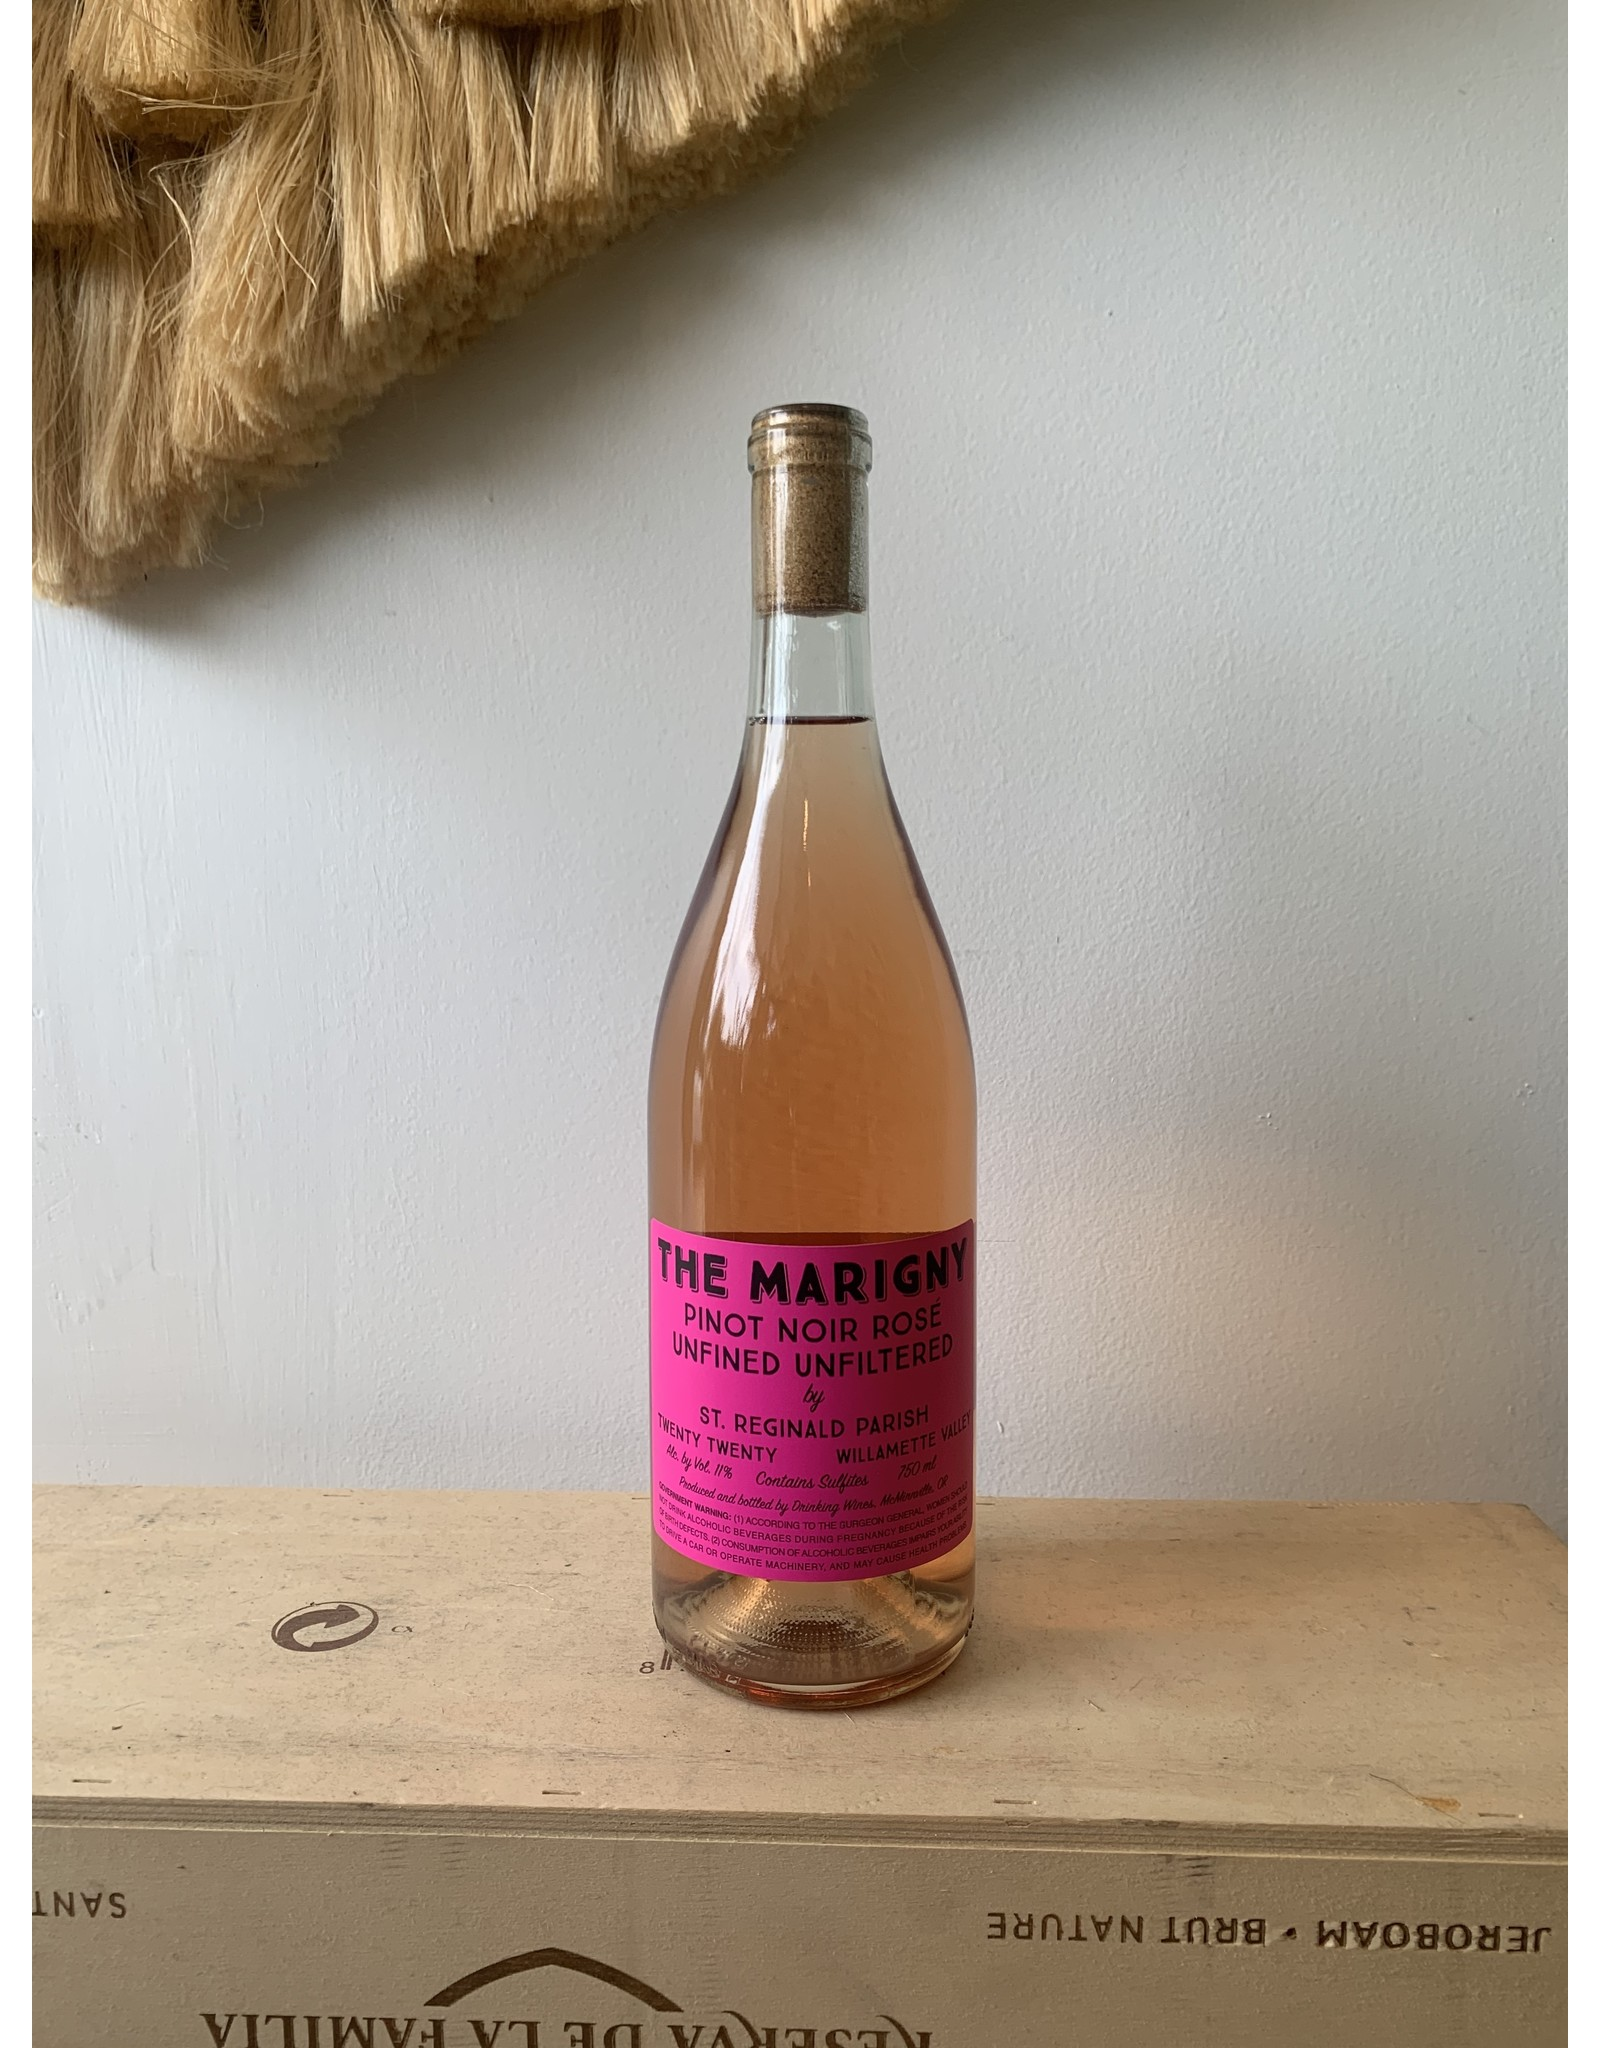 Marigny Pinot Noir Rose 2020